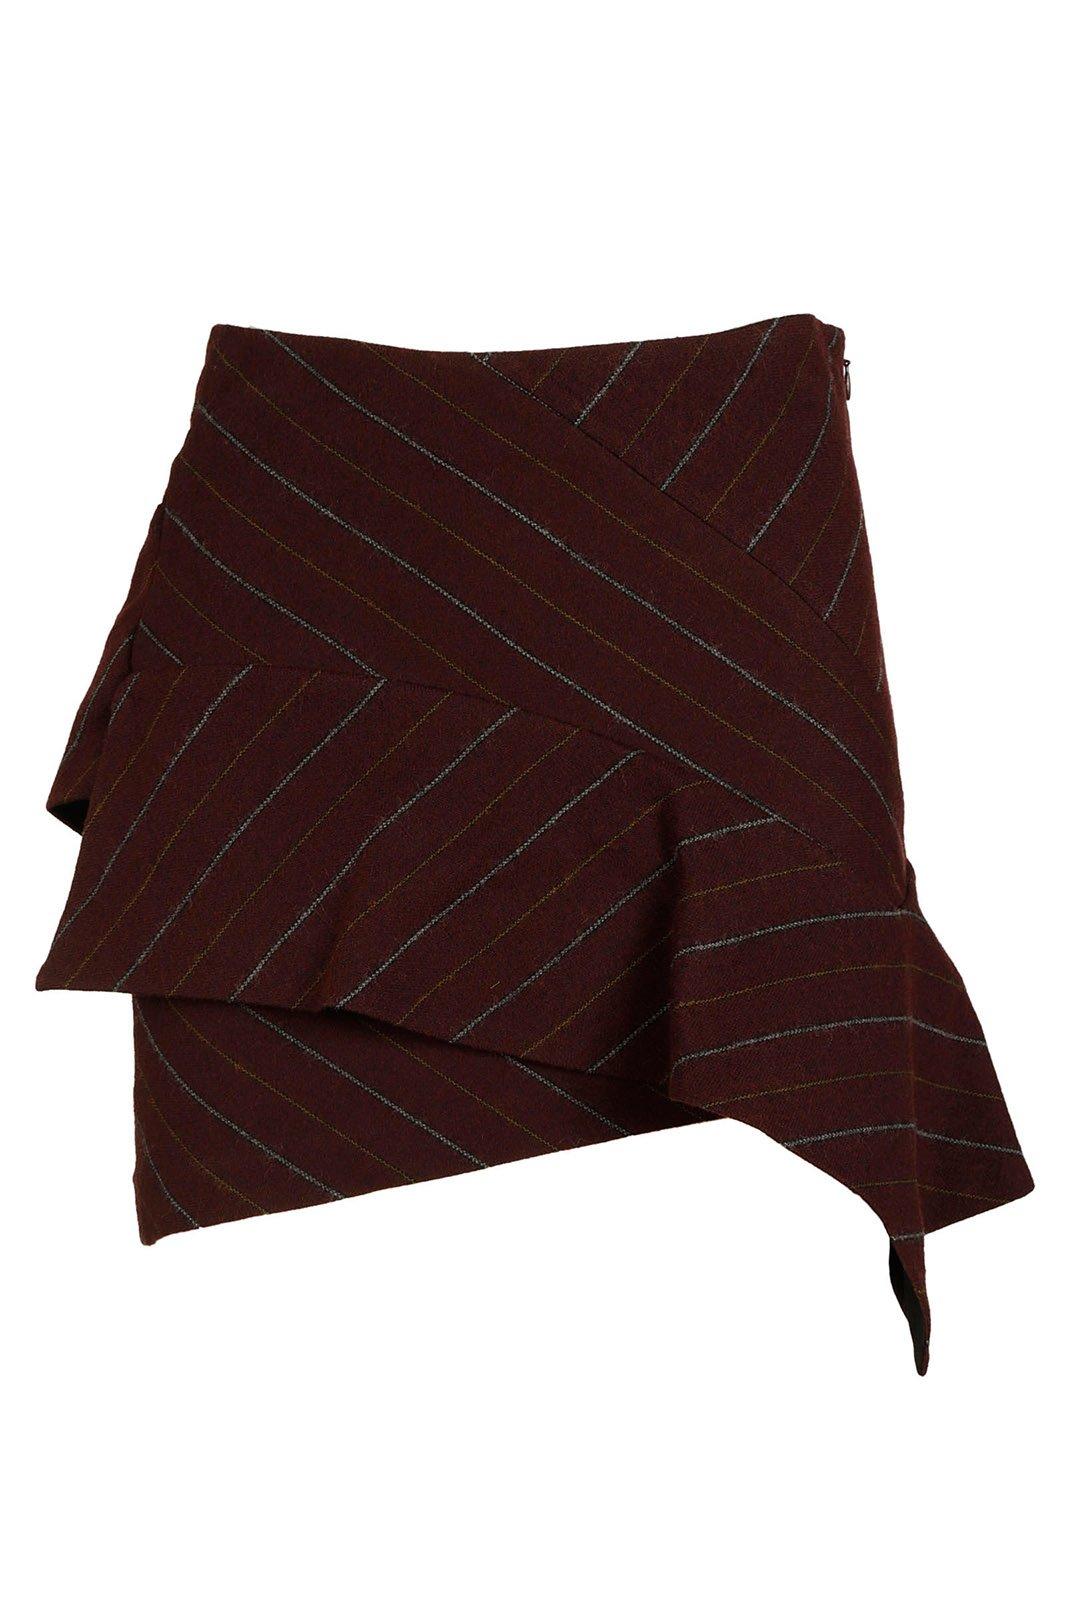 Isabel Marant Women's Skirt Mini Short kimura Bordeaux US Size 38 (US 6) JU069380BY